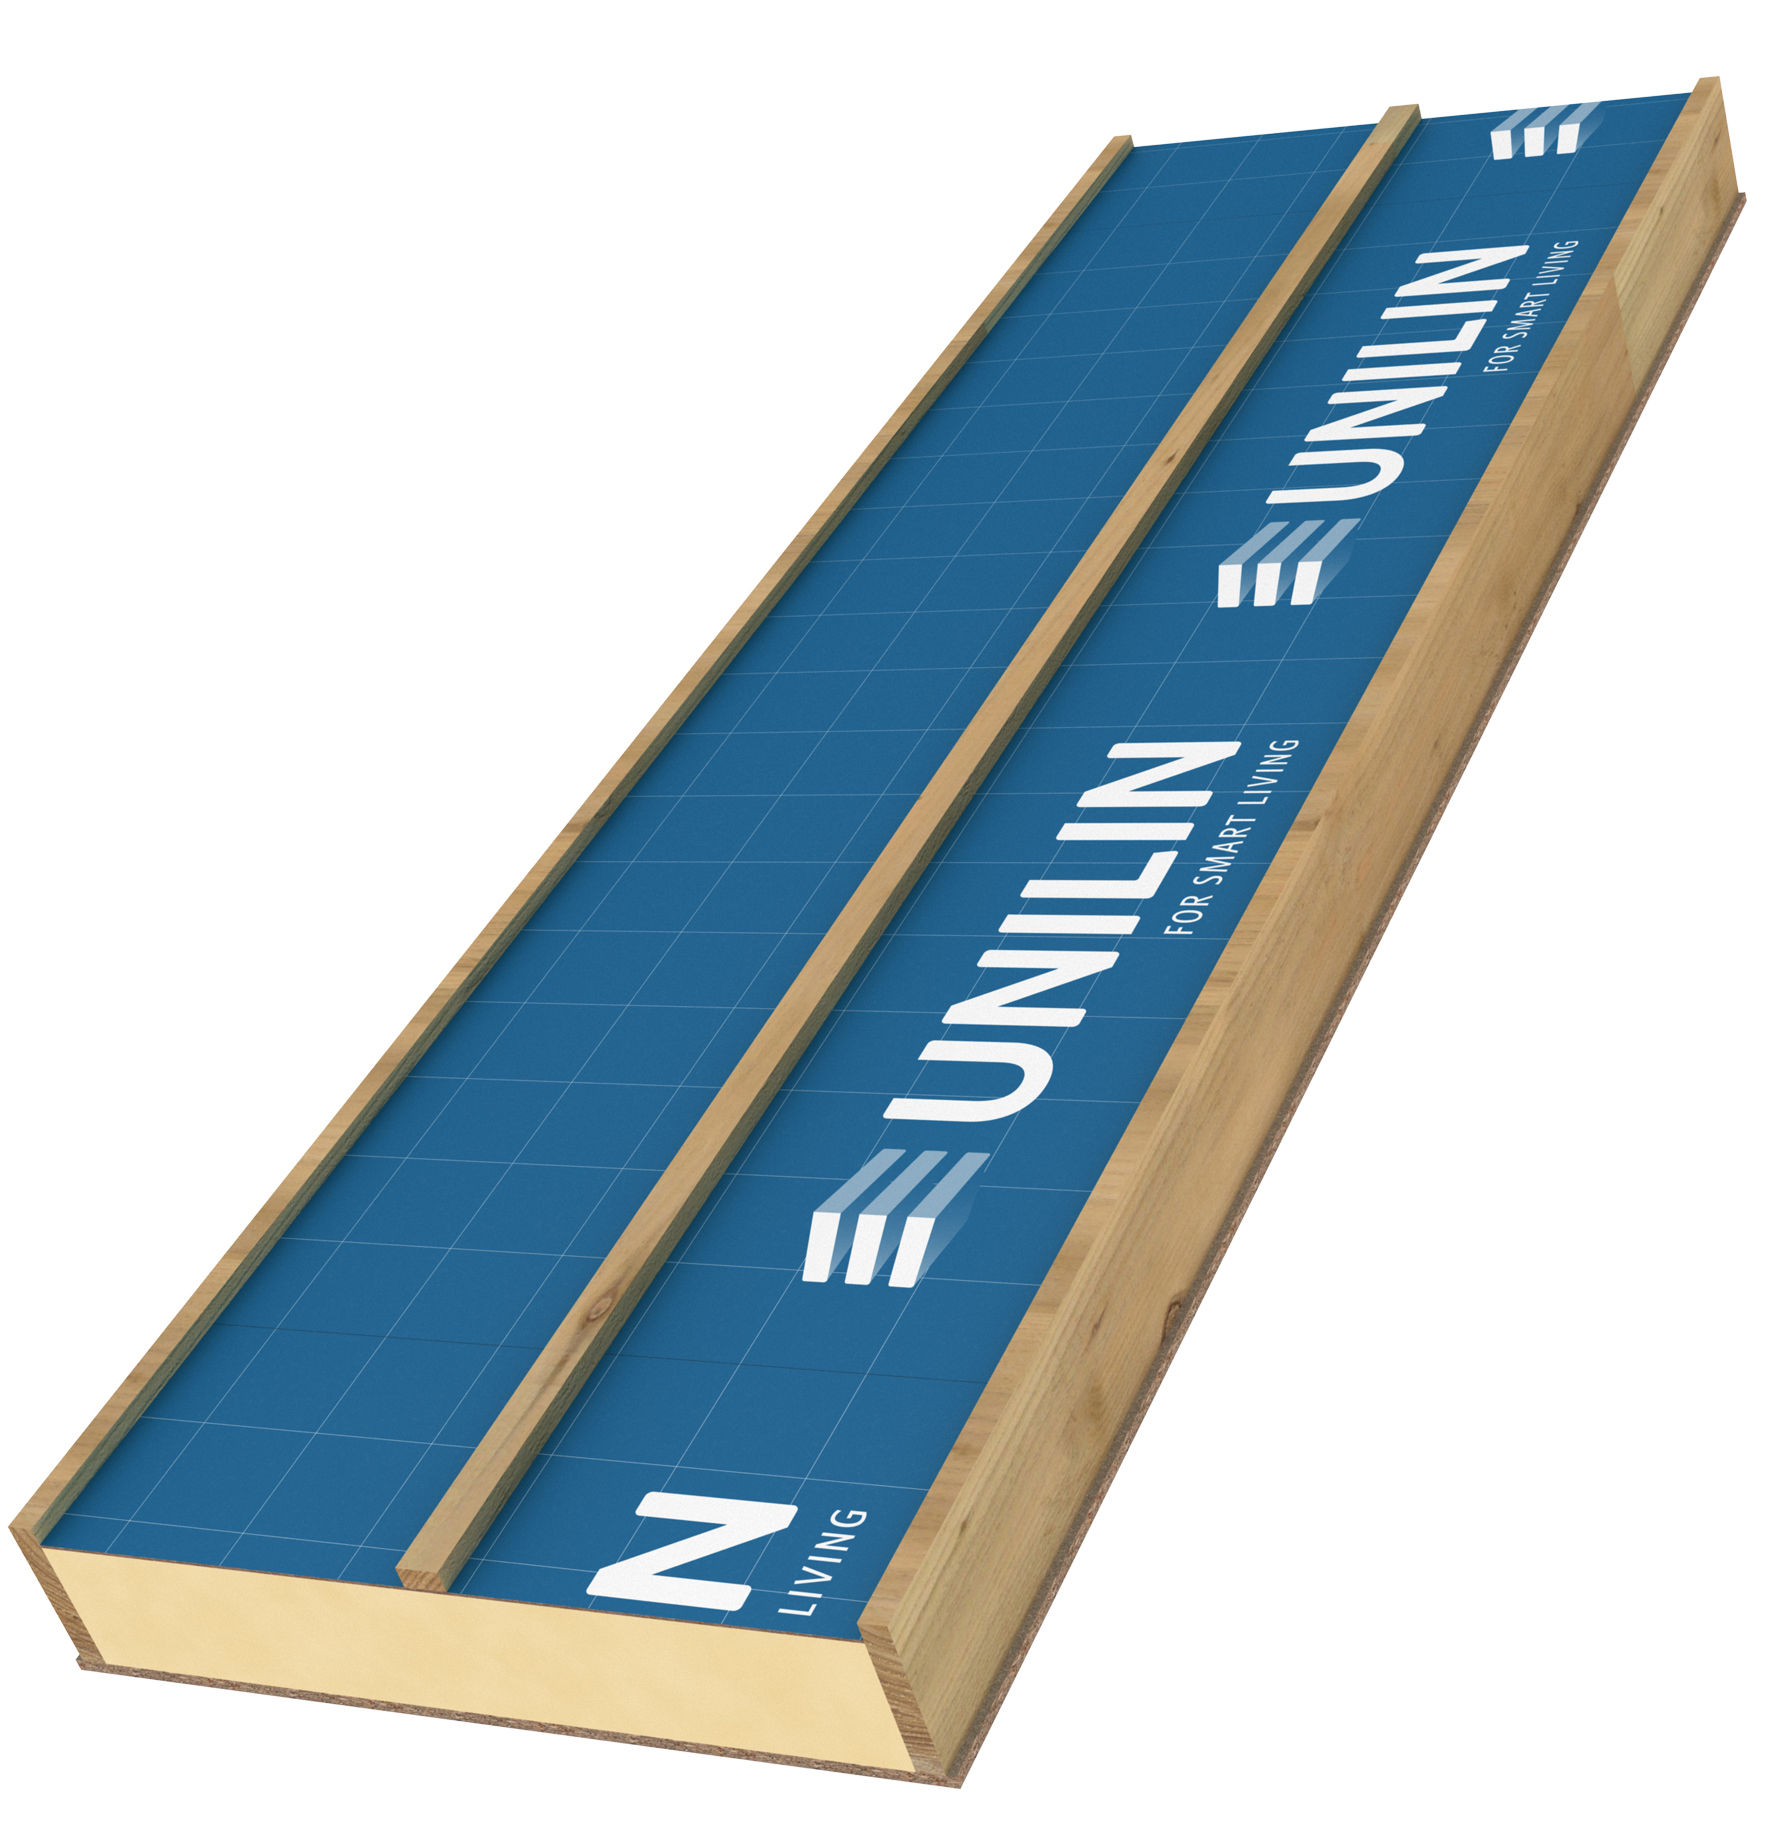 panneau toiture isolant panneau isolant de toiture toutes les infos sur les panneaux isolants. Black Bedroom Furniture Sets. Home Design Ideas